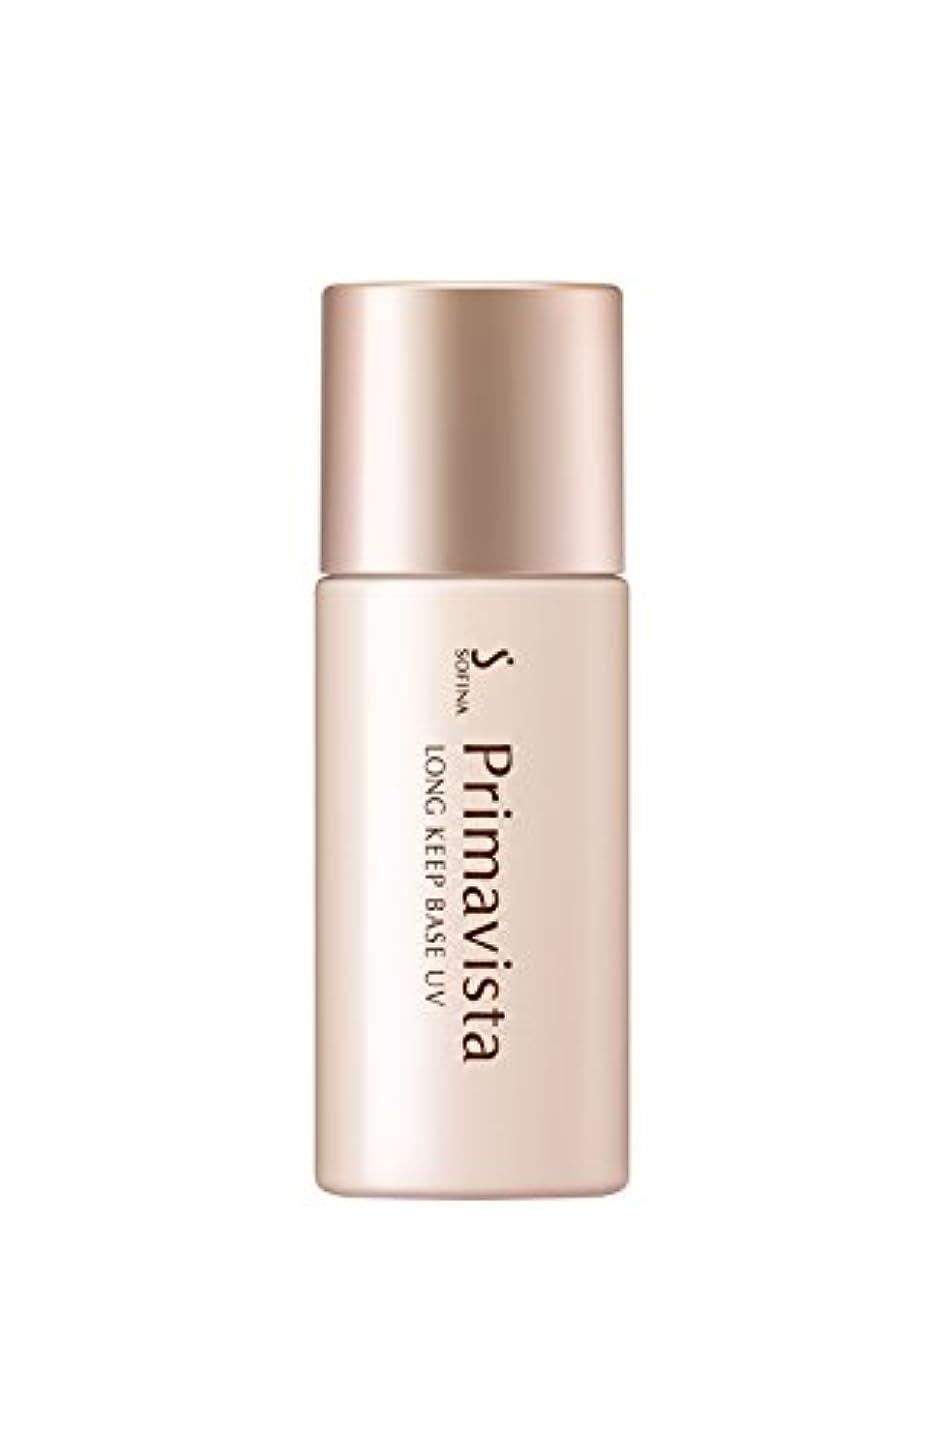 袋すごいむしゃむしゃプリマヴィスタ 皮脂くずれ防止化粧下地UV SPF20 PA++ 本体 単品 本体(25ml)